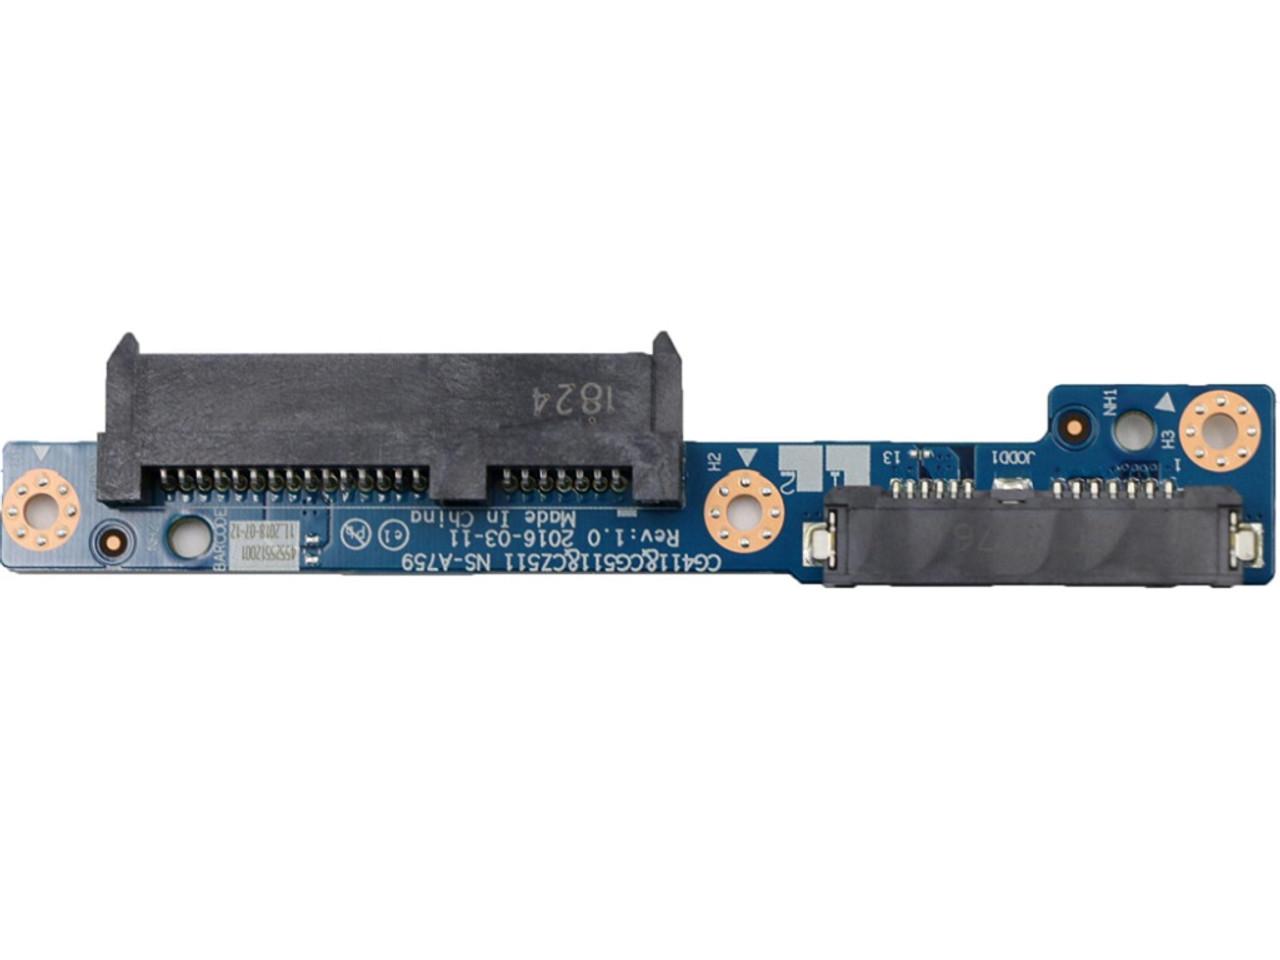 Laptop Optical Drive ODD Bracket for Lenovo 330E-14IKB 330E-15IKB 330H-14IKB 330H-15IKB 330L-14IKB 330L-15IKB 330R-14IKB 330R-15IKB Black New